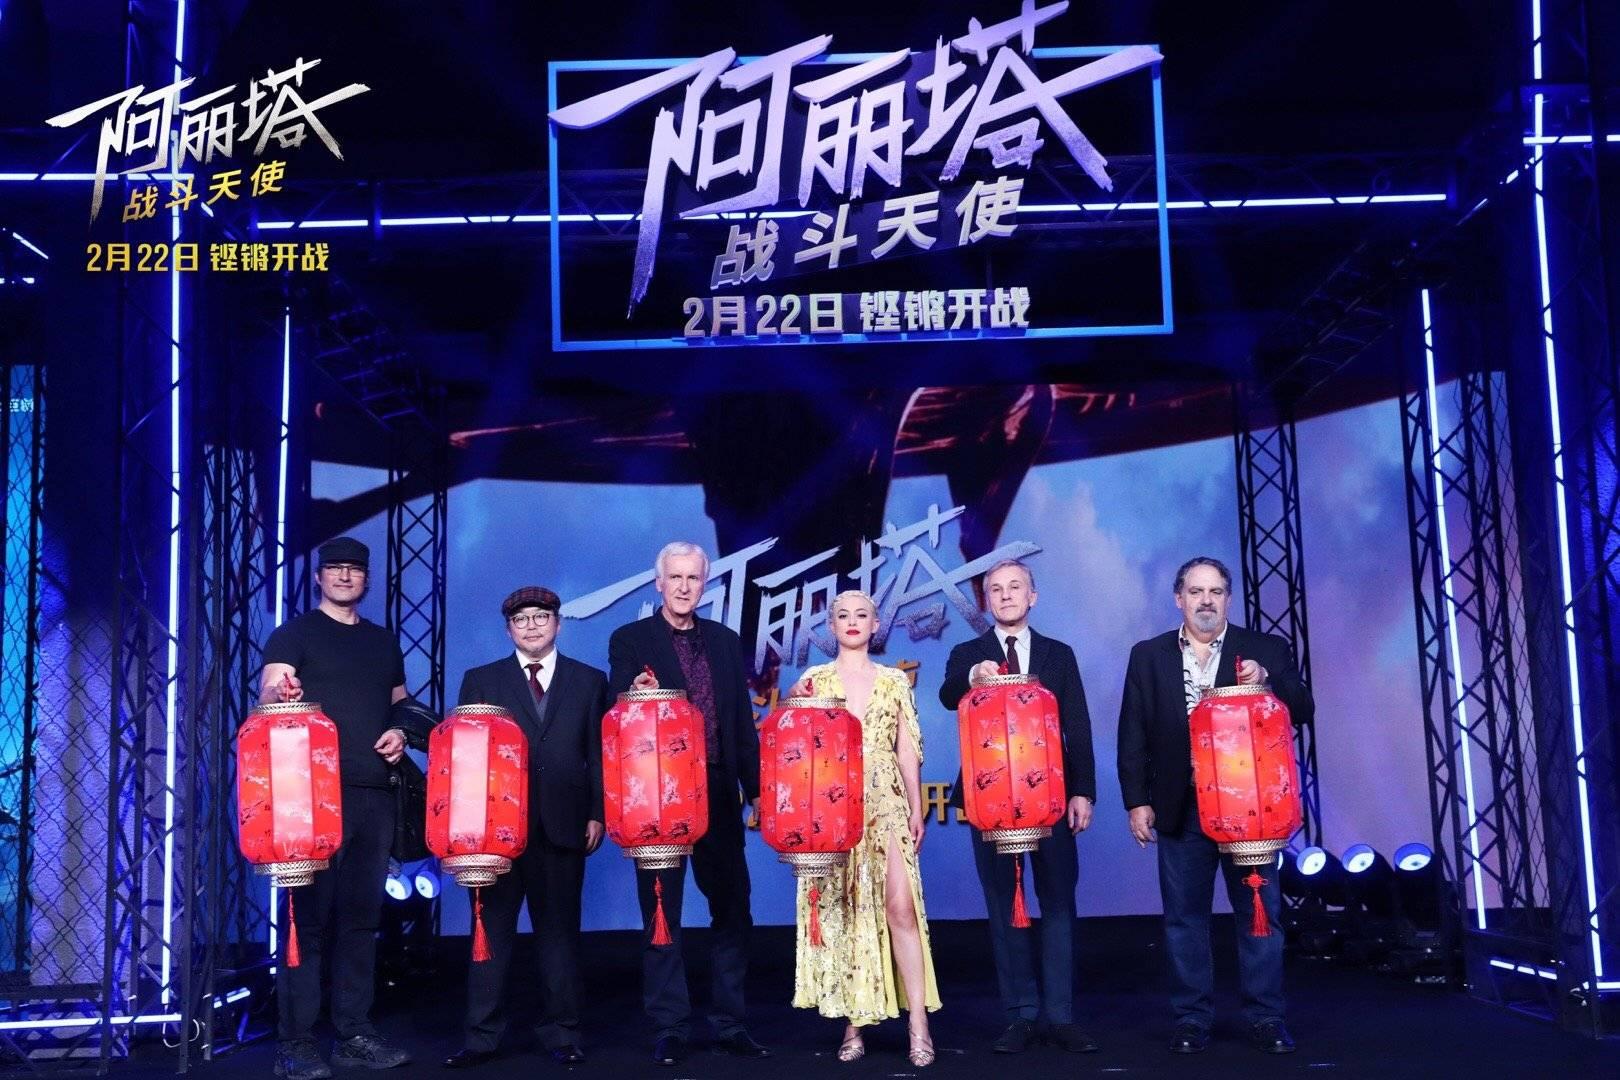 卡梅隆携主创空降《阿丽塔》中国首映礼 张艺谋李冰冰乌尔善现身打CALL